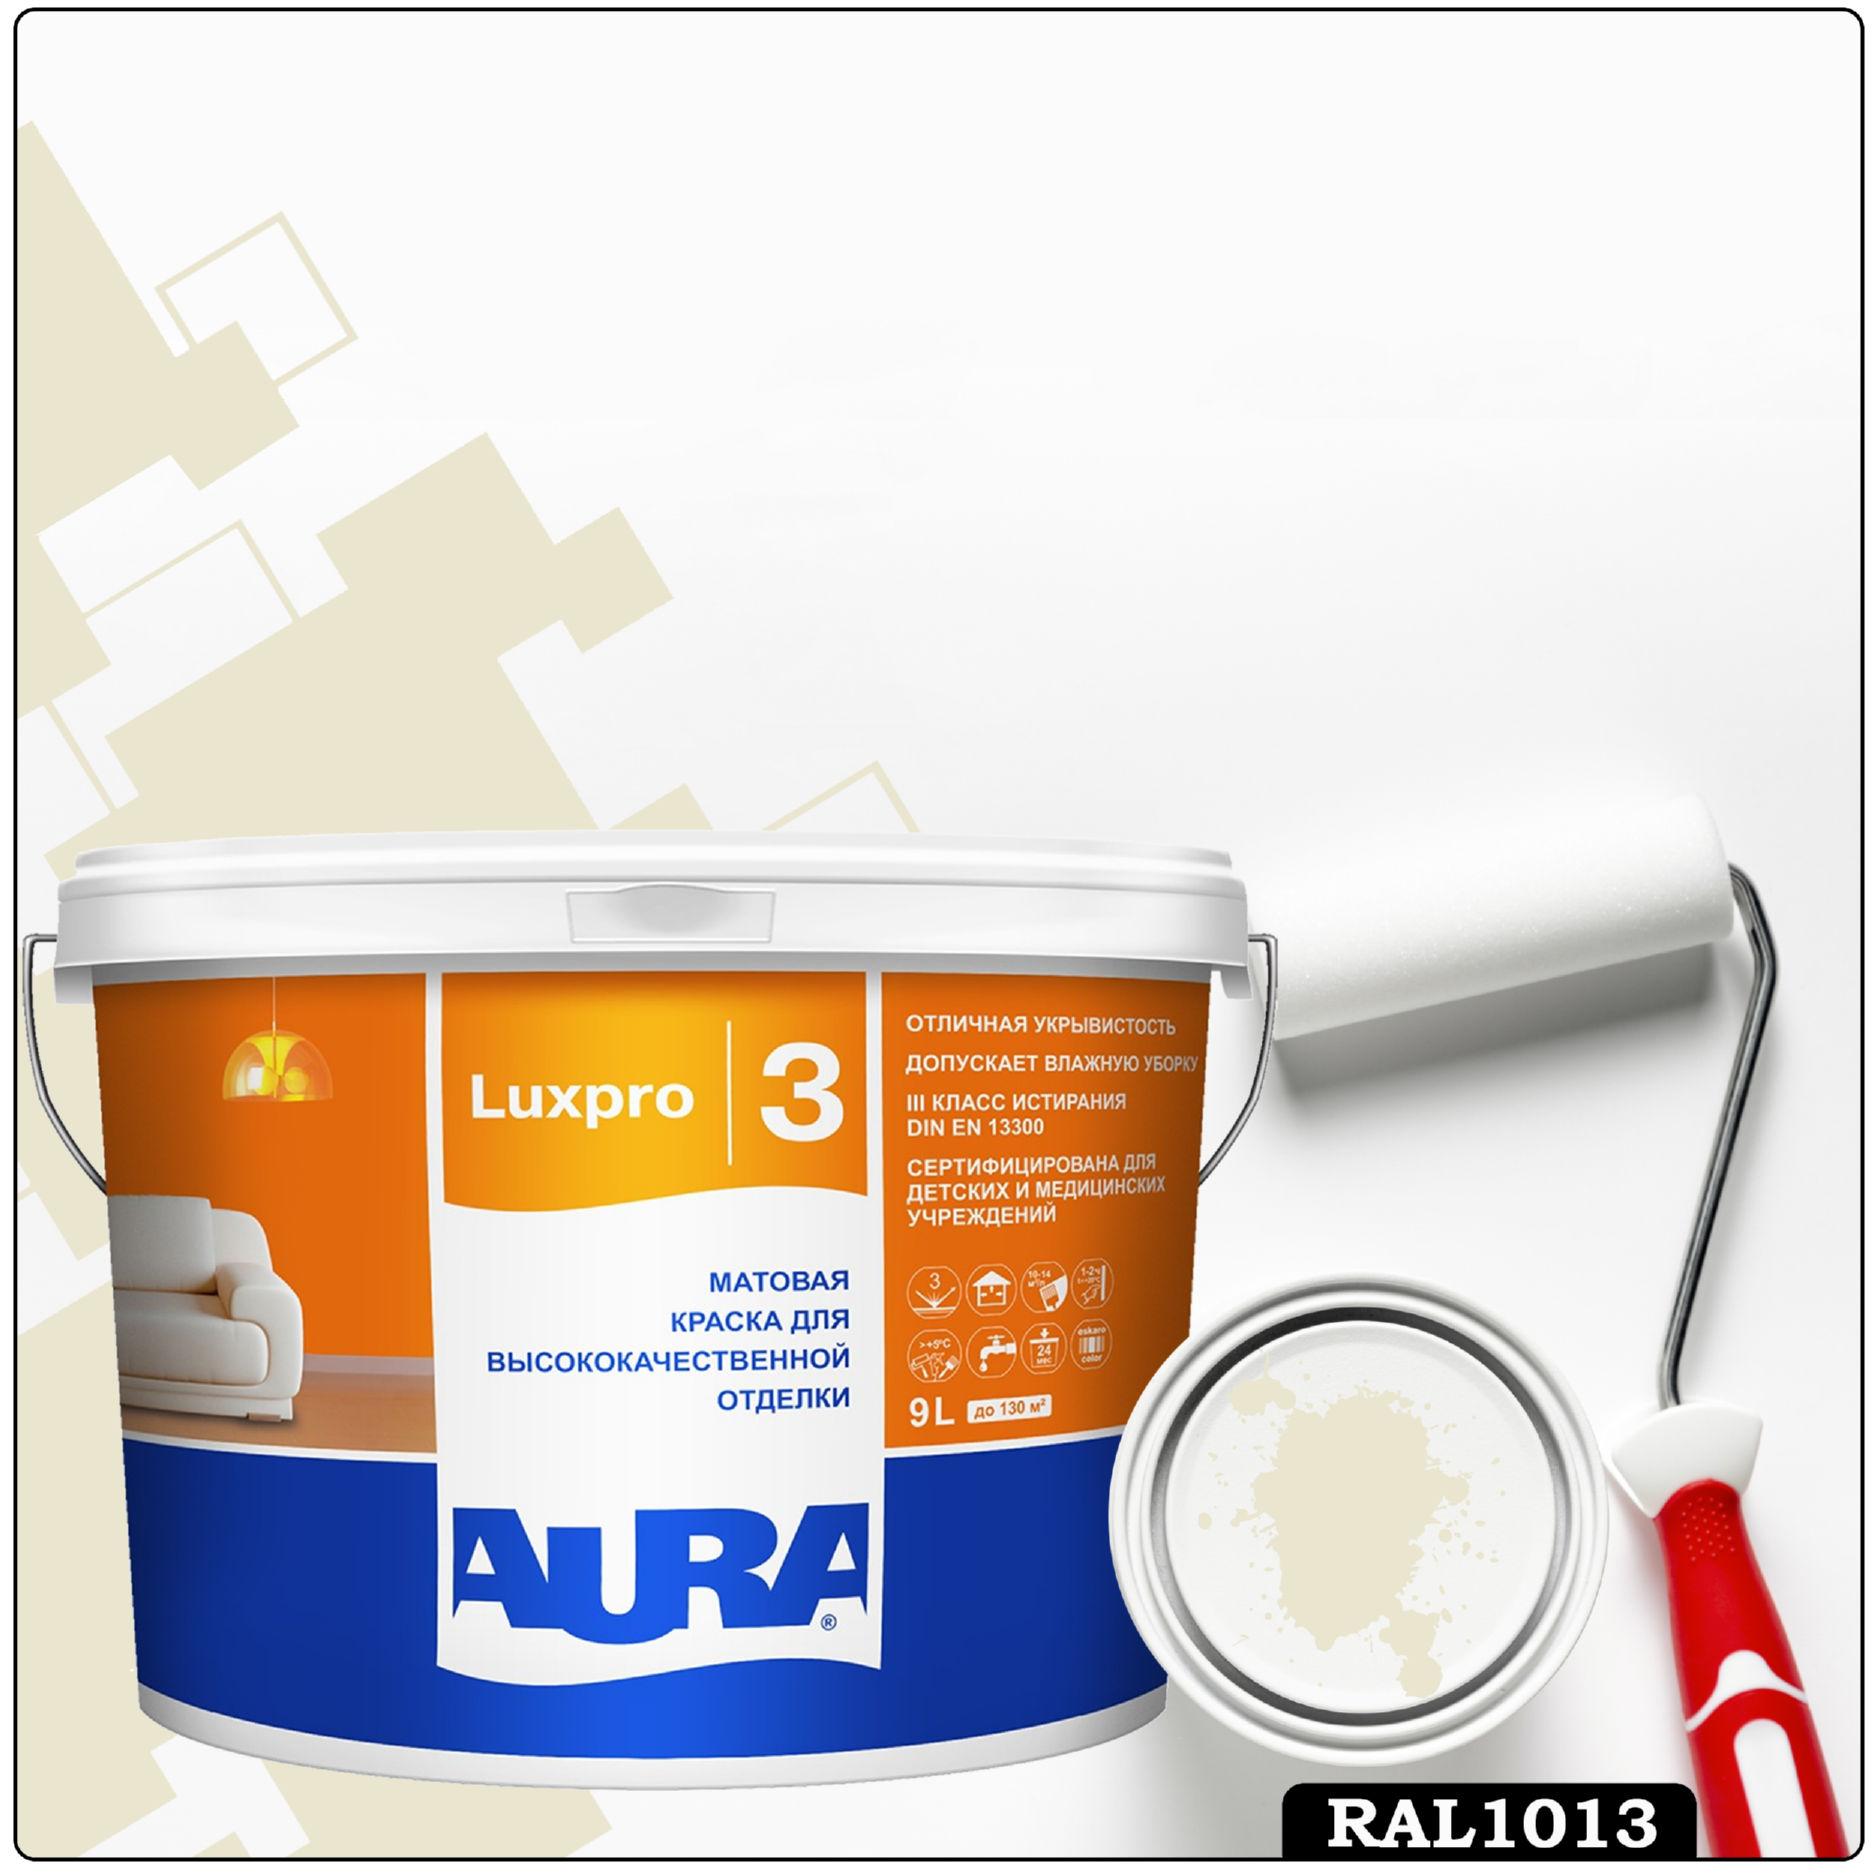 Фото 11 - Краска Aura LuxPRO 3, RAL 1013 Жемчужно-белый, латексная, шелково-матовая, интерьерная, 9л, Аура.